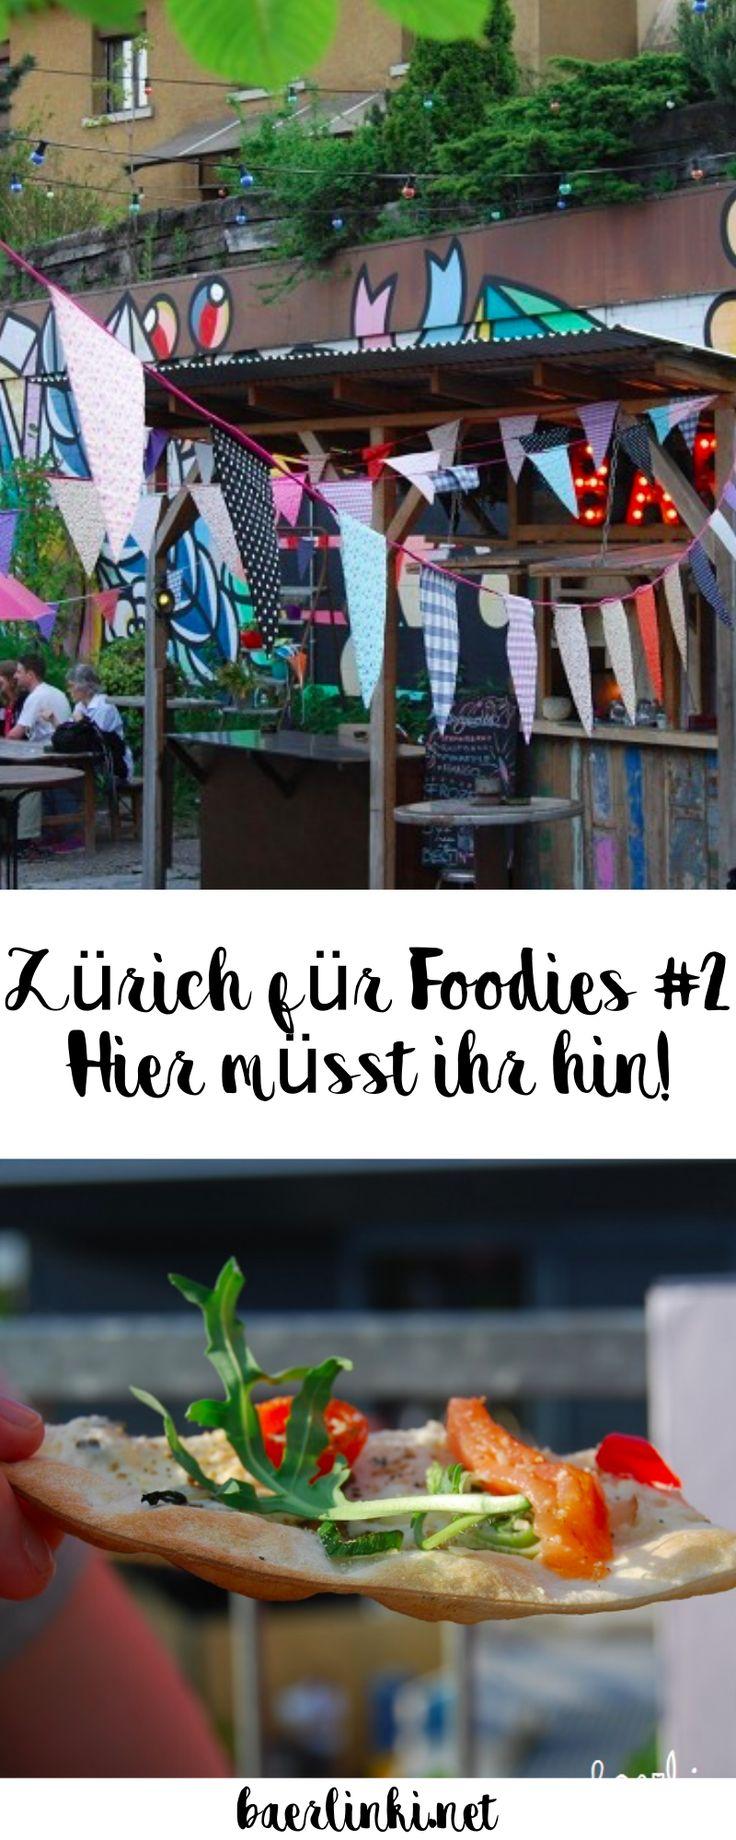 Frau Gerolds Garten – The Urban Gardening Feeling / Mein absoluter Geheimtipp für Foodies in Zürich!